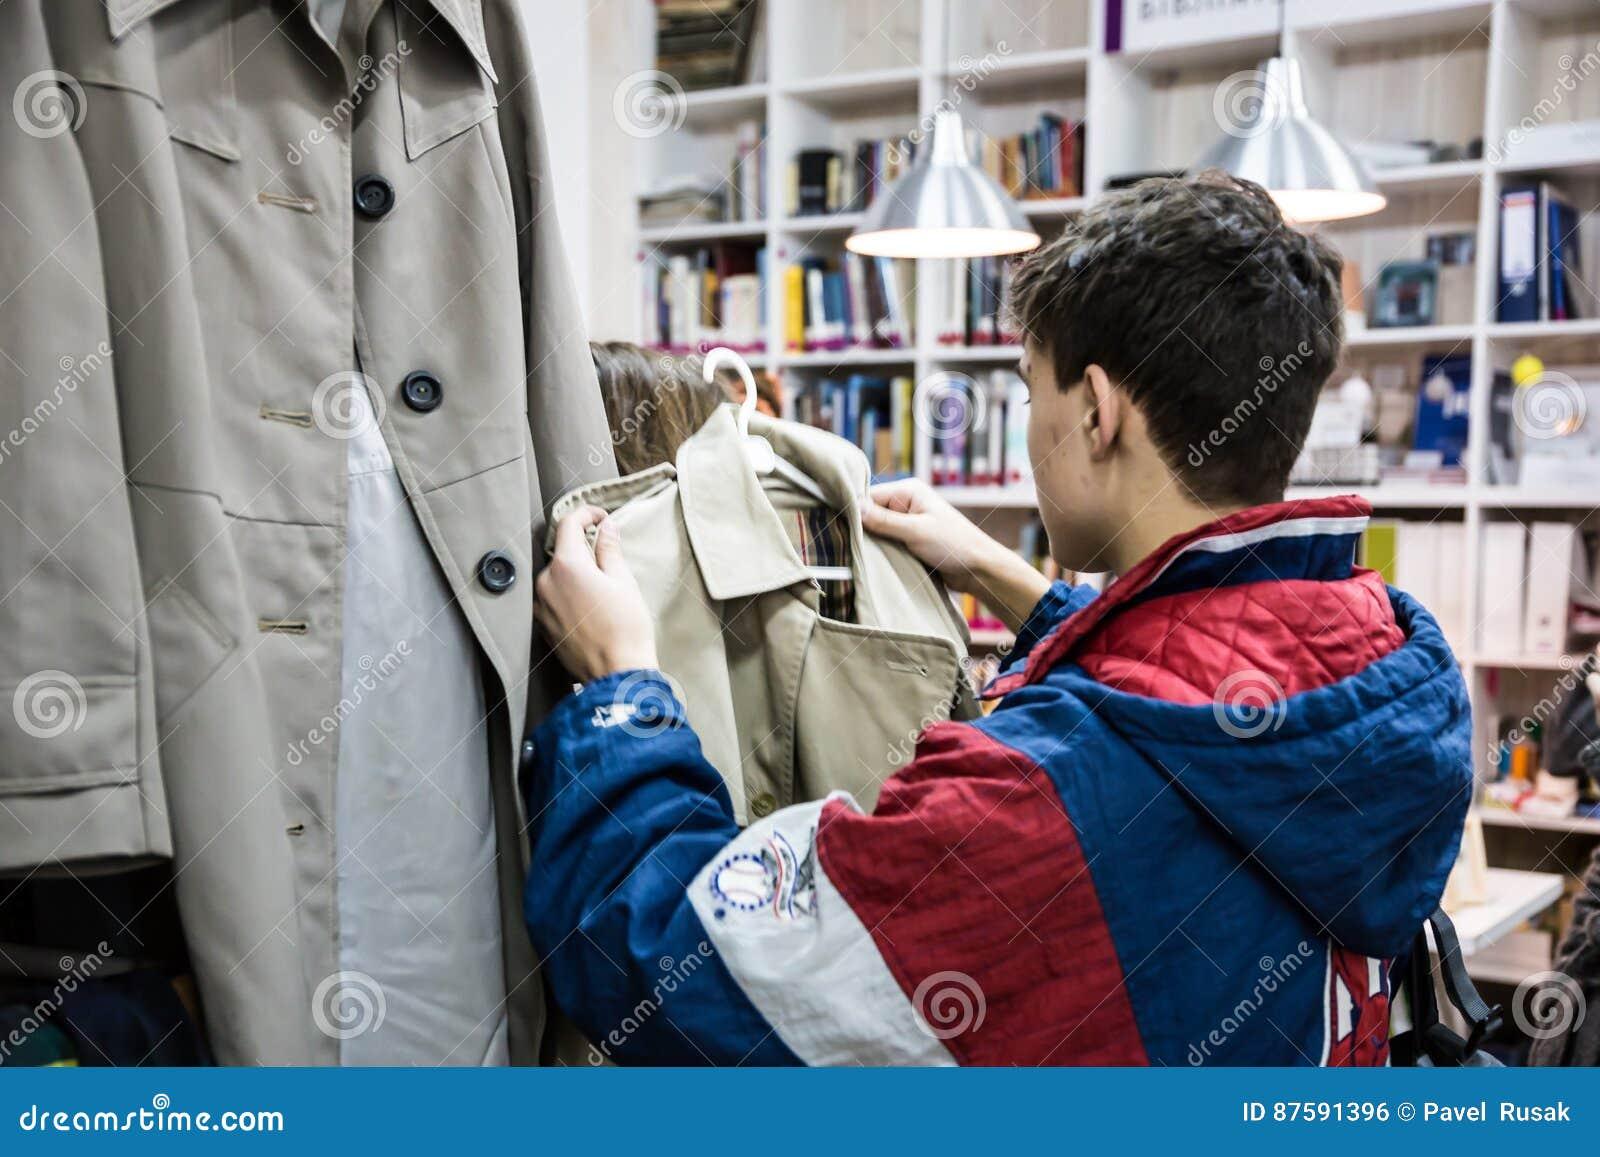 7daccdfa414c Διαφορετικές ενδύματα και τσάντες στα ράφια και κρεμάστρες στο κατάστημα